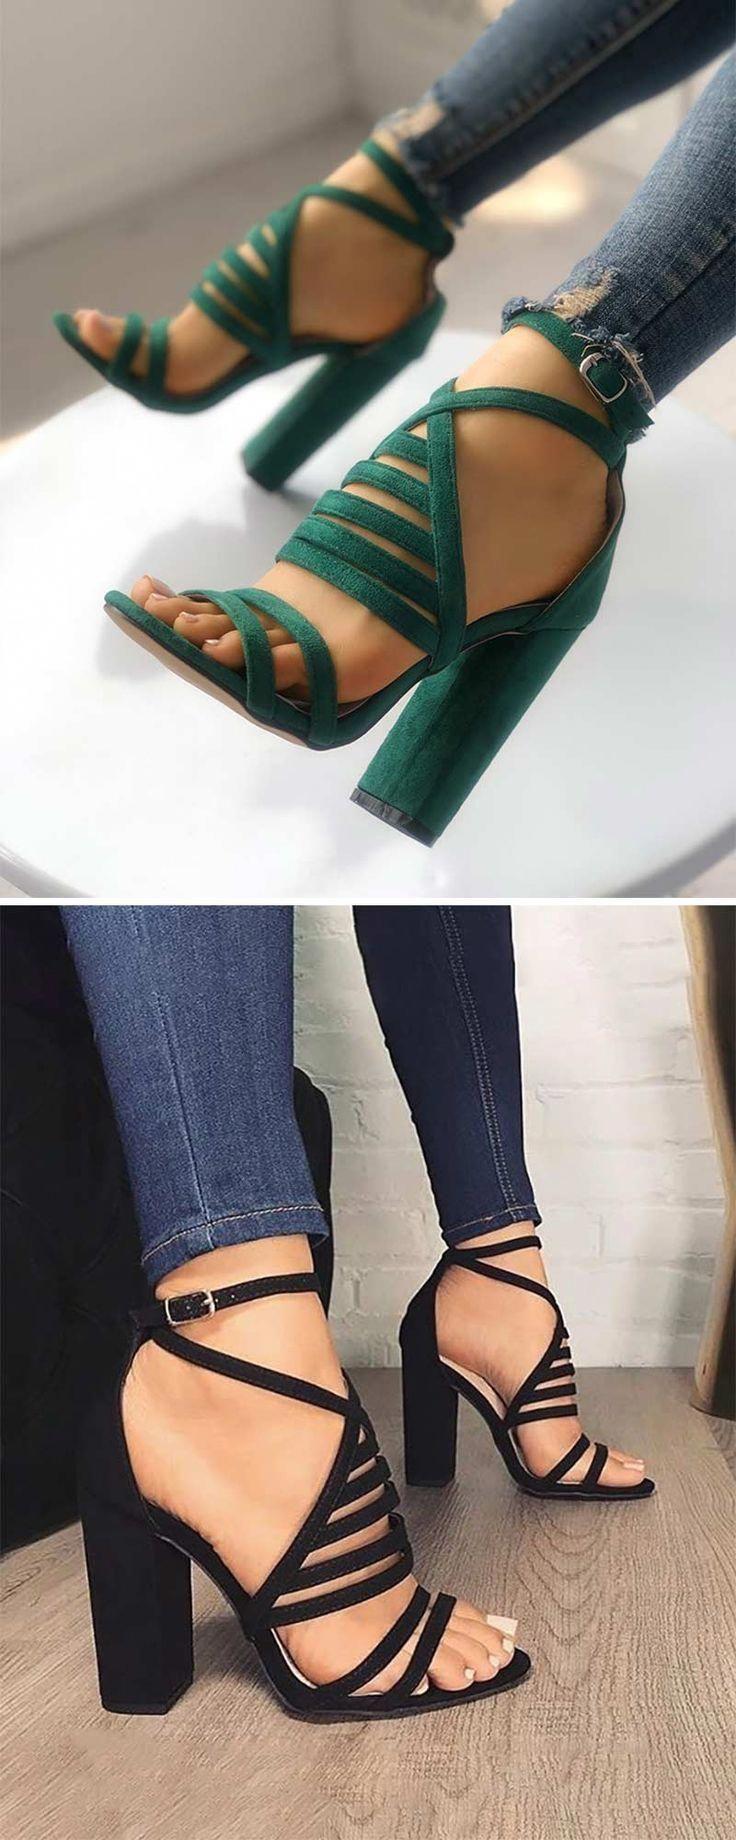 High Heels 3